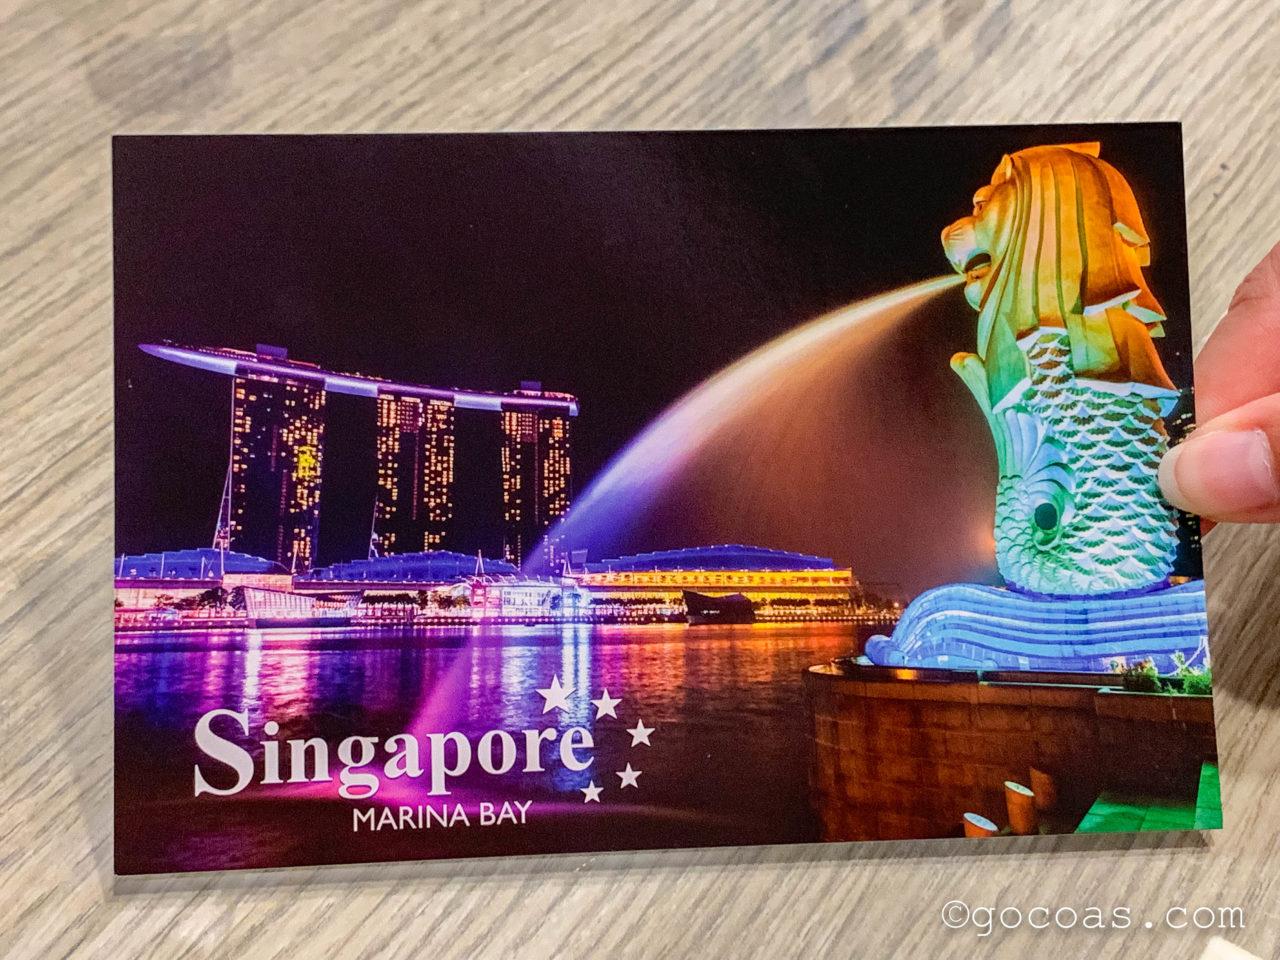 シンガポール・チャンギ国際空港で出したポストカード